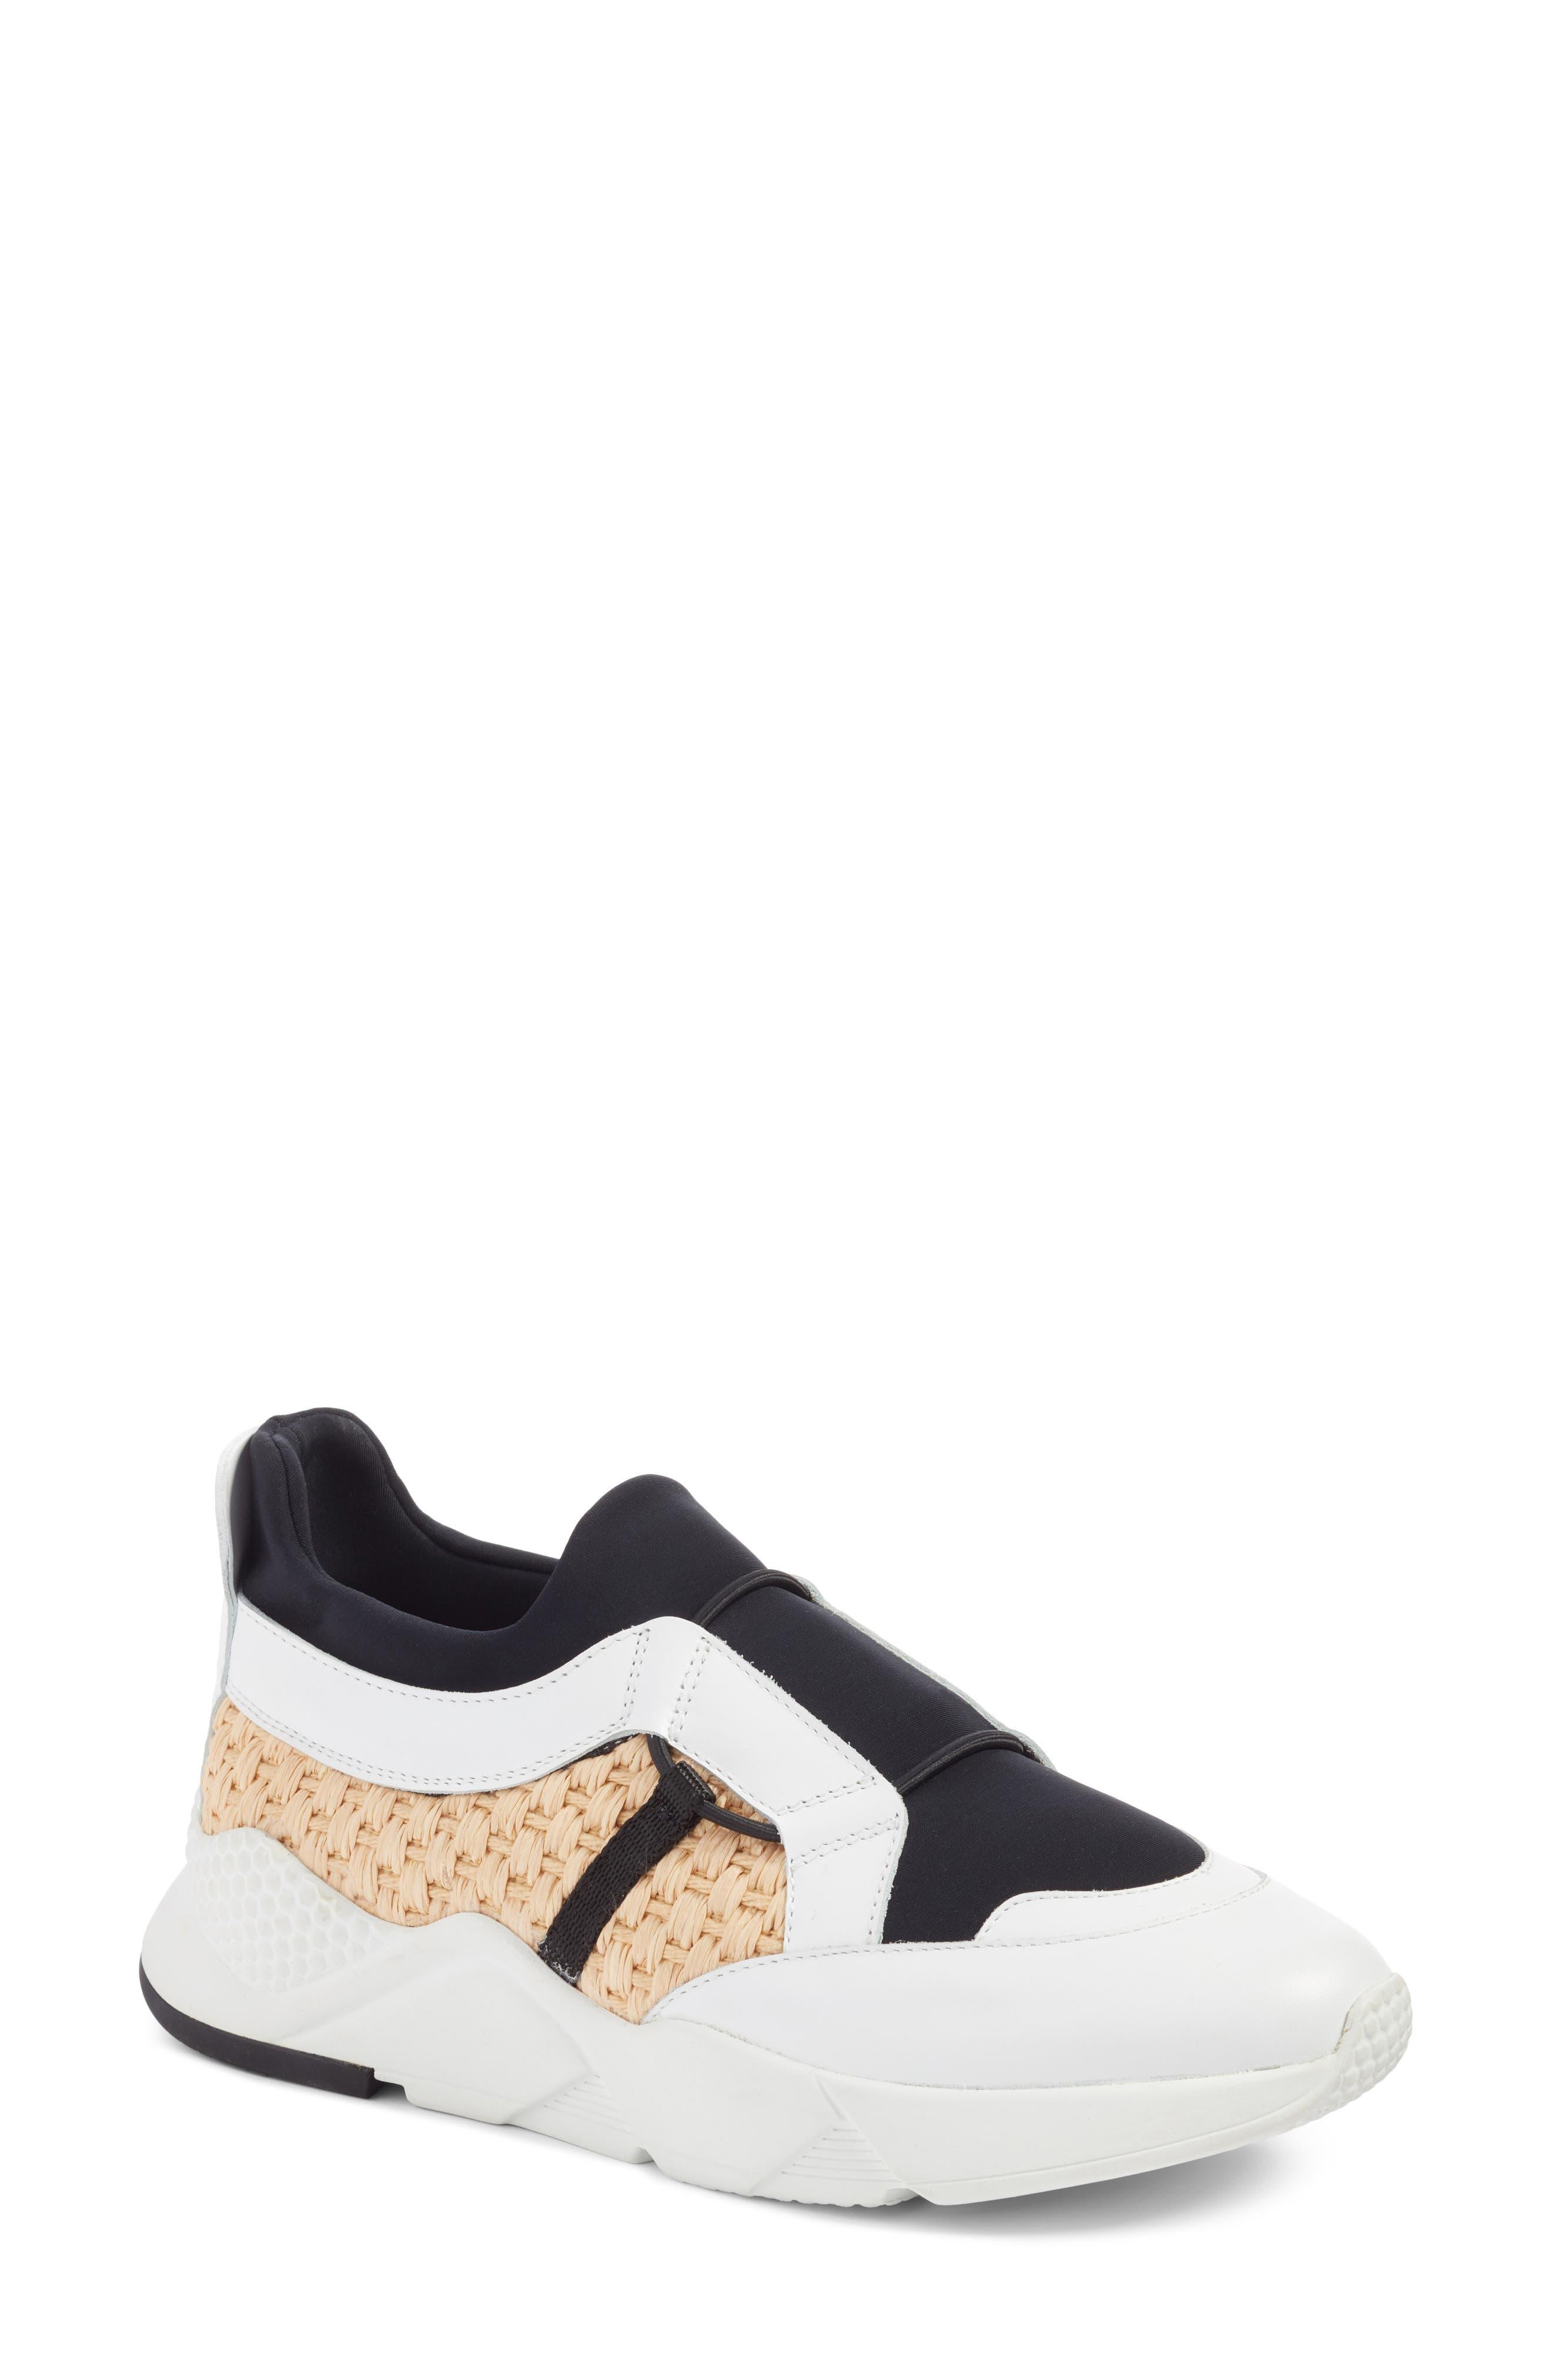 Salvy Woven Sneaker,                         Main,                         color, 100